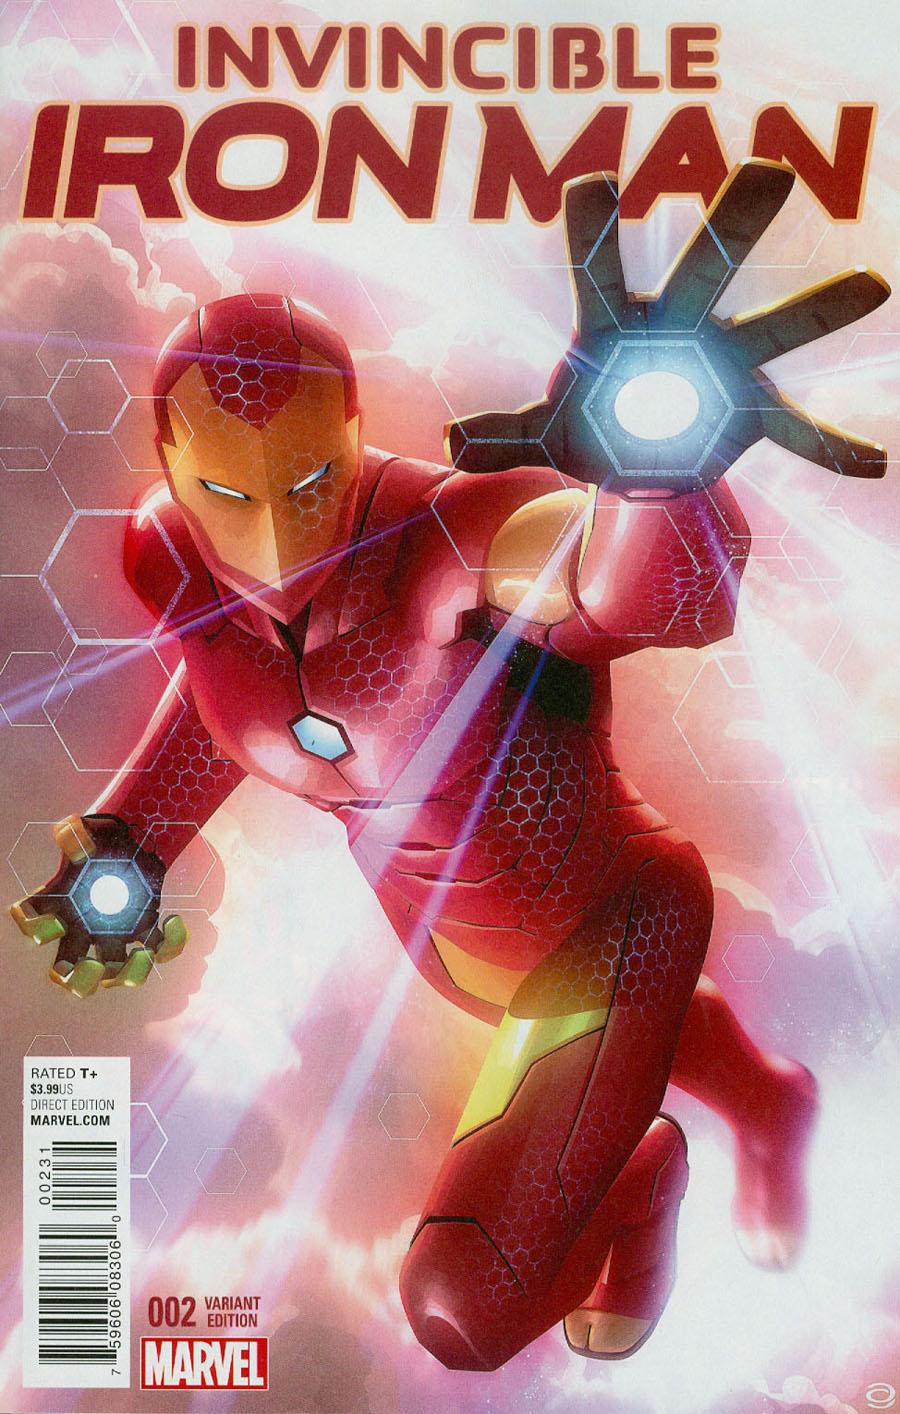 Invincible Iron Man Vol 2 #2 Cover C Incentive Alex Garner Variant Cover